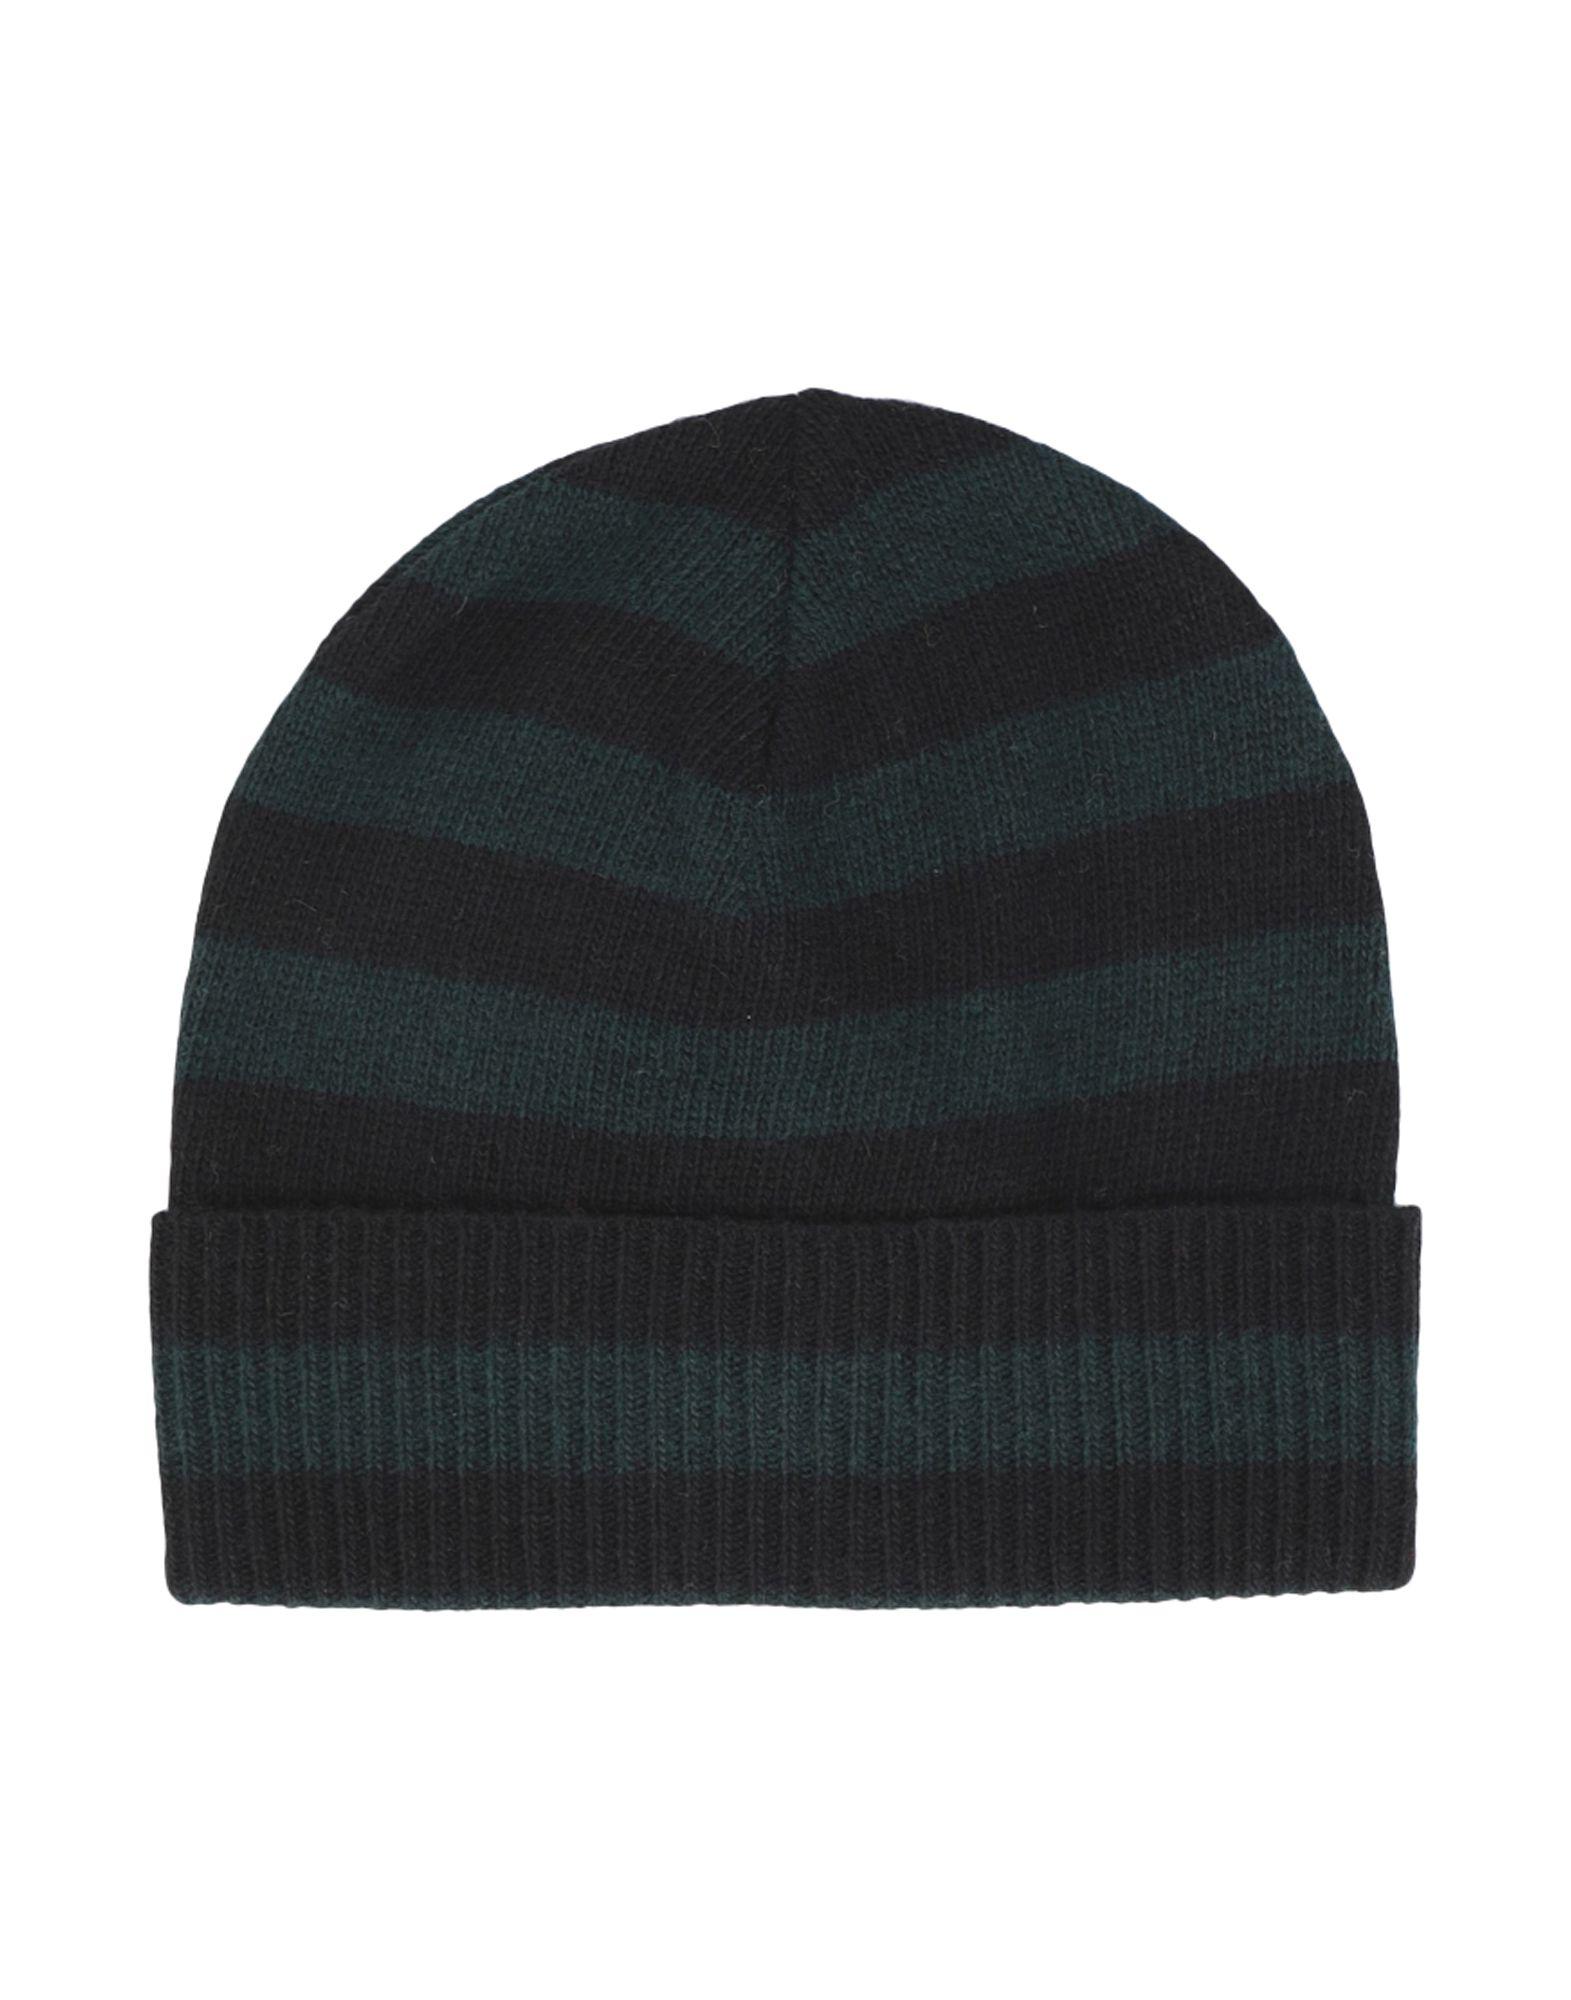 《セール開催中》ESSENTIEL ANTWERP メンズ 帽子 ダークグリーン one size ナイロン 35% / ウール 30% / レーヨン 30% / カシミヤ 5% LIVERPOOL